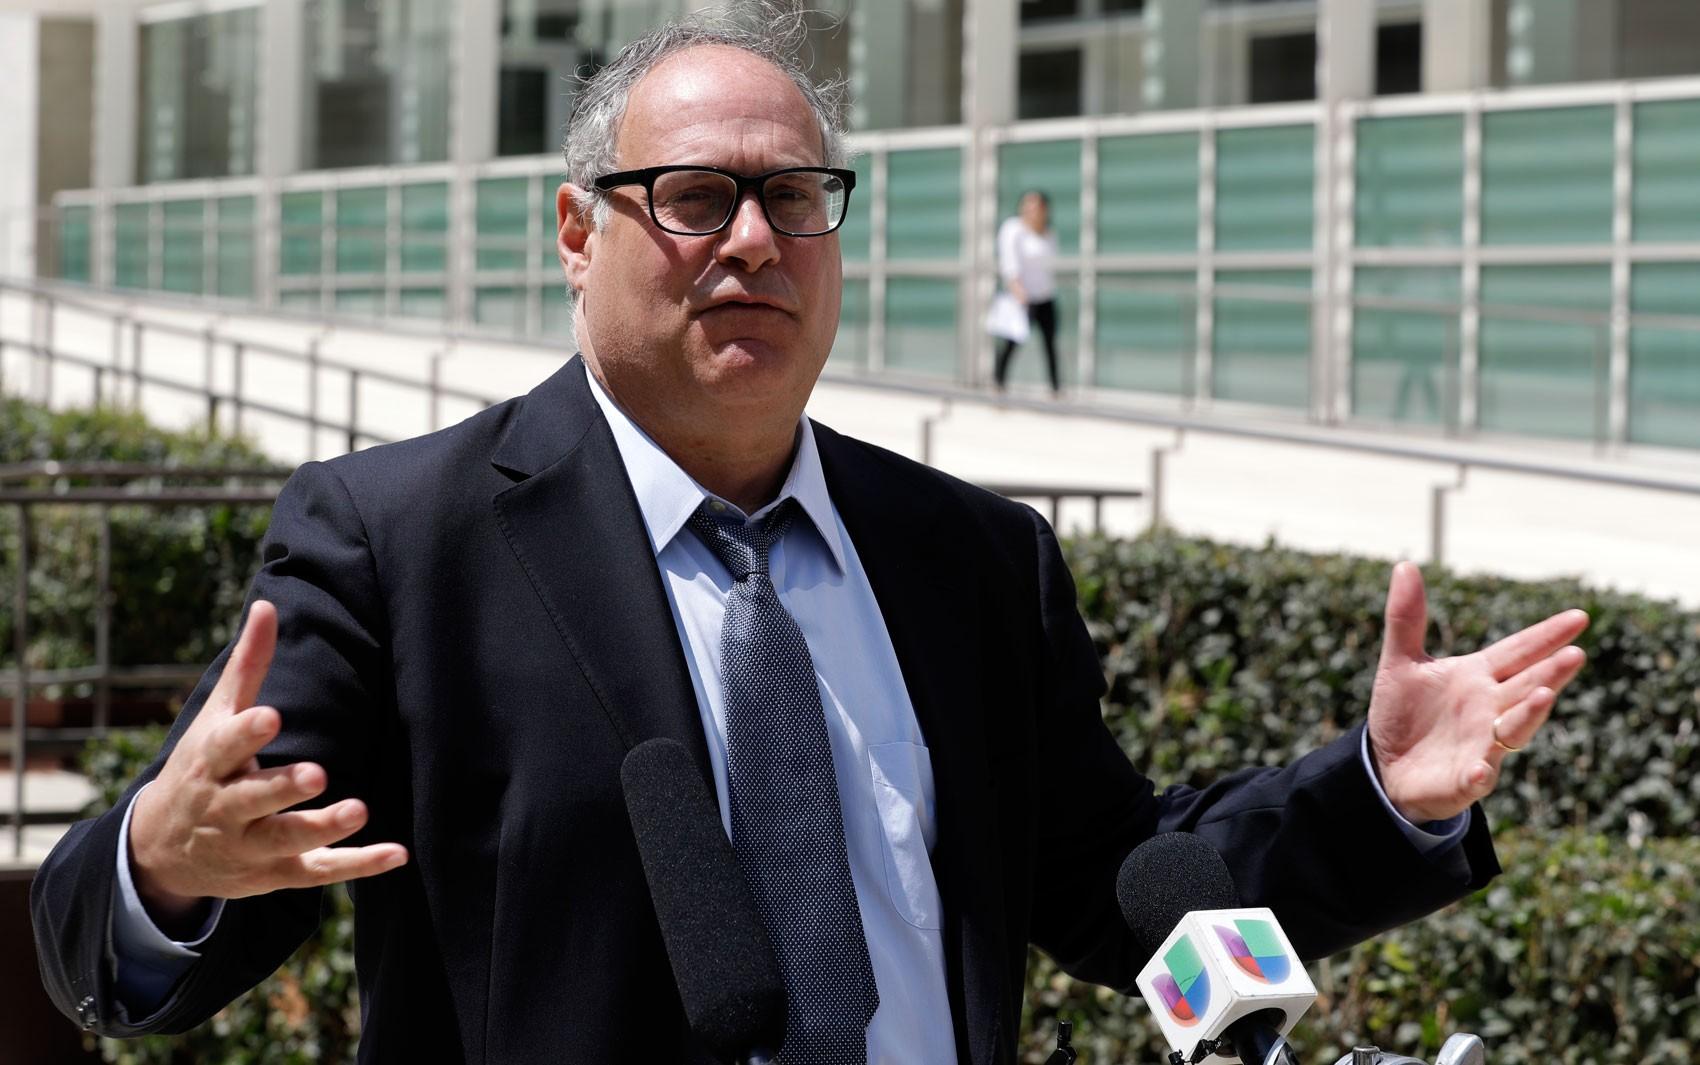 Juiz dos EUA suspende deportações de famílias reunificadas